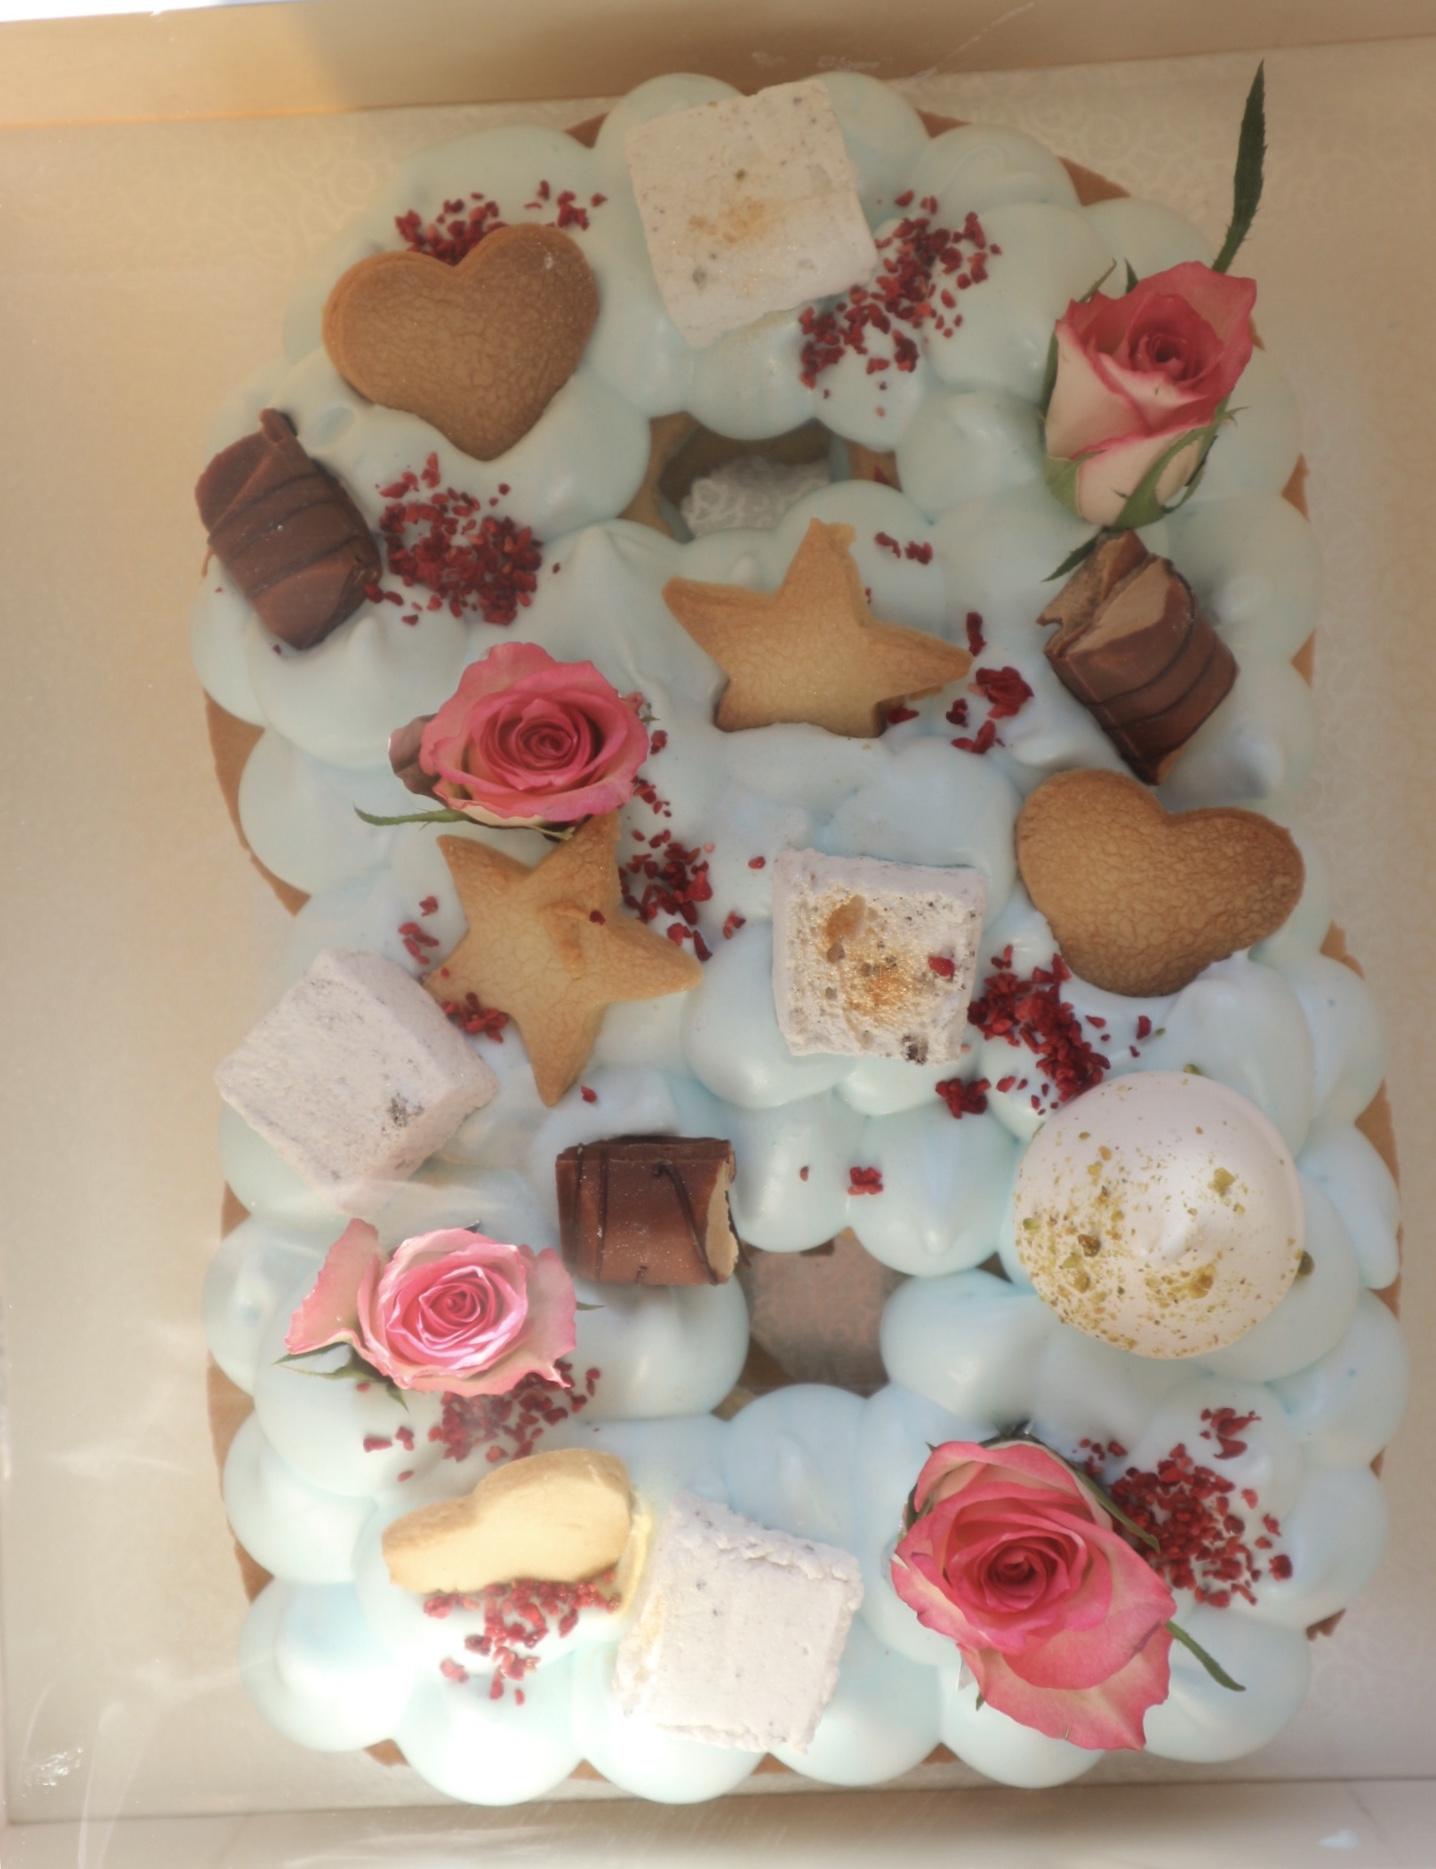 Celebration Cakes Ireland